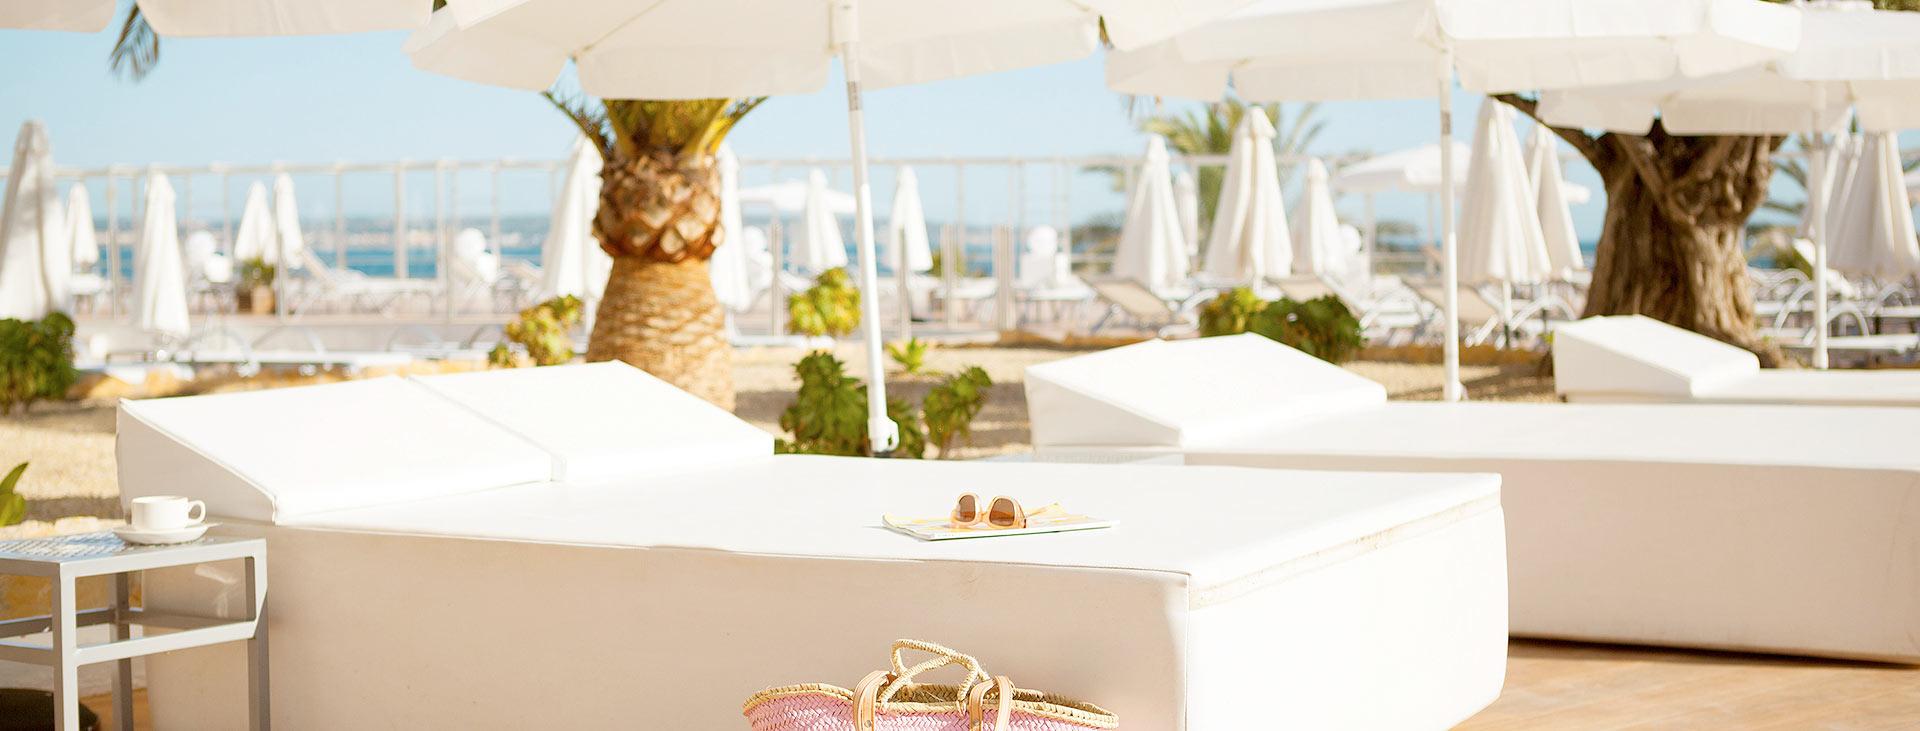 Sunprime Waterfront, Playa de Palma, Mallorca, Spanien